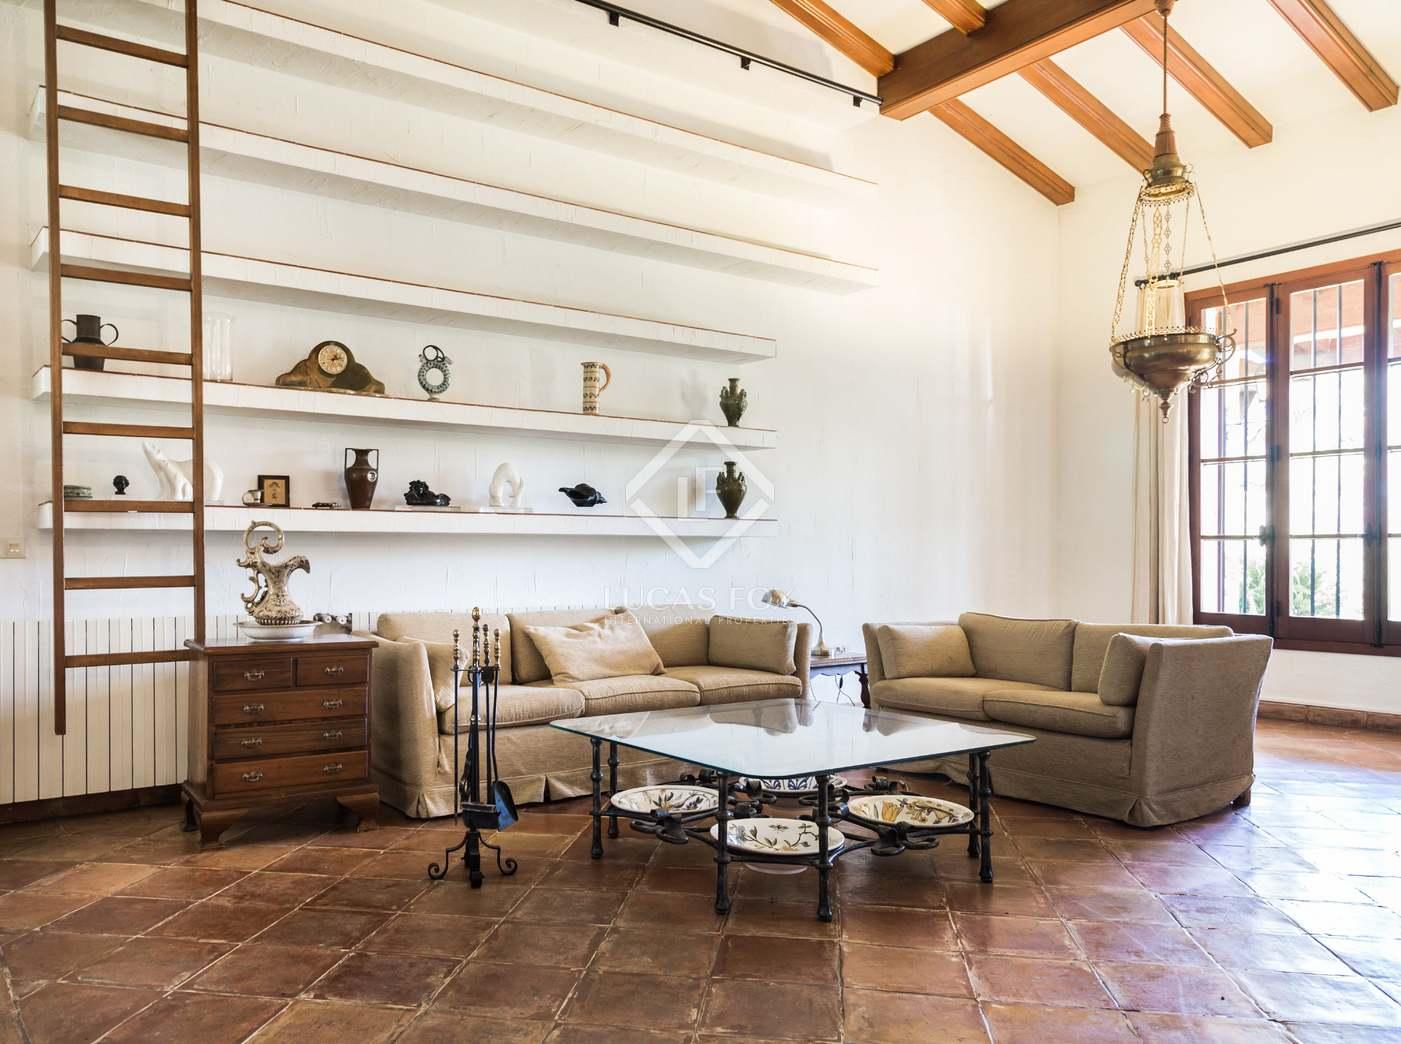 Affitto Casa in Rocafort. Lujo sensorial y arquitectónico en esta idílica villa de estilo